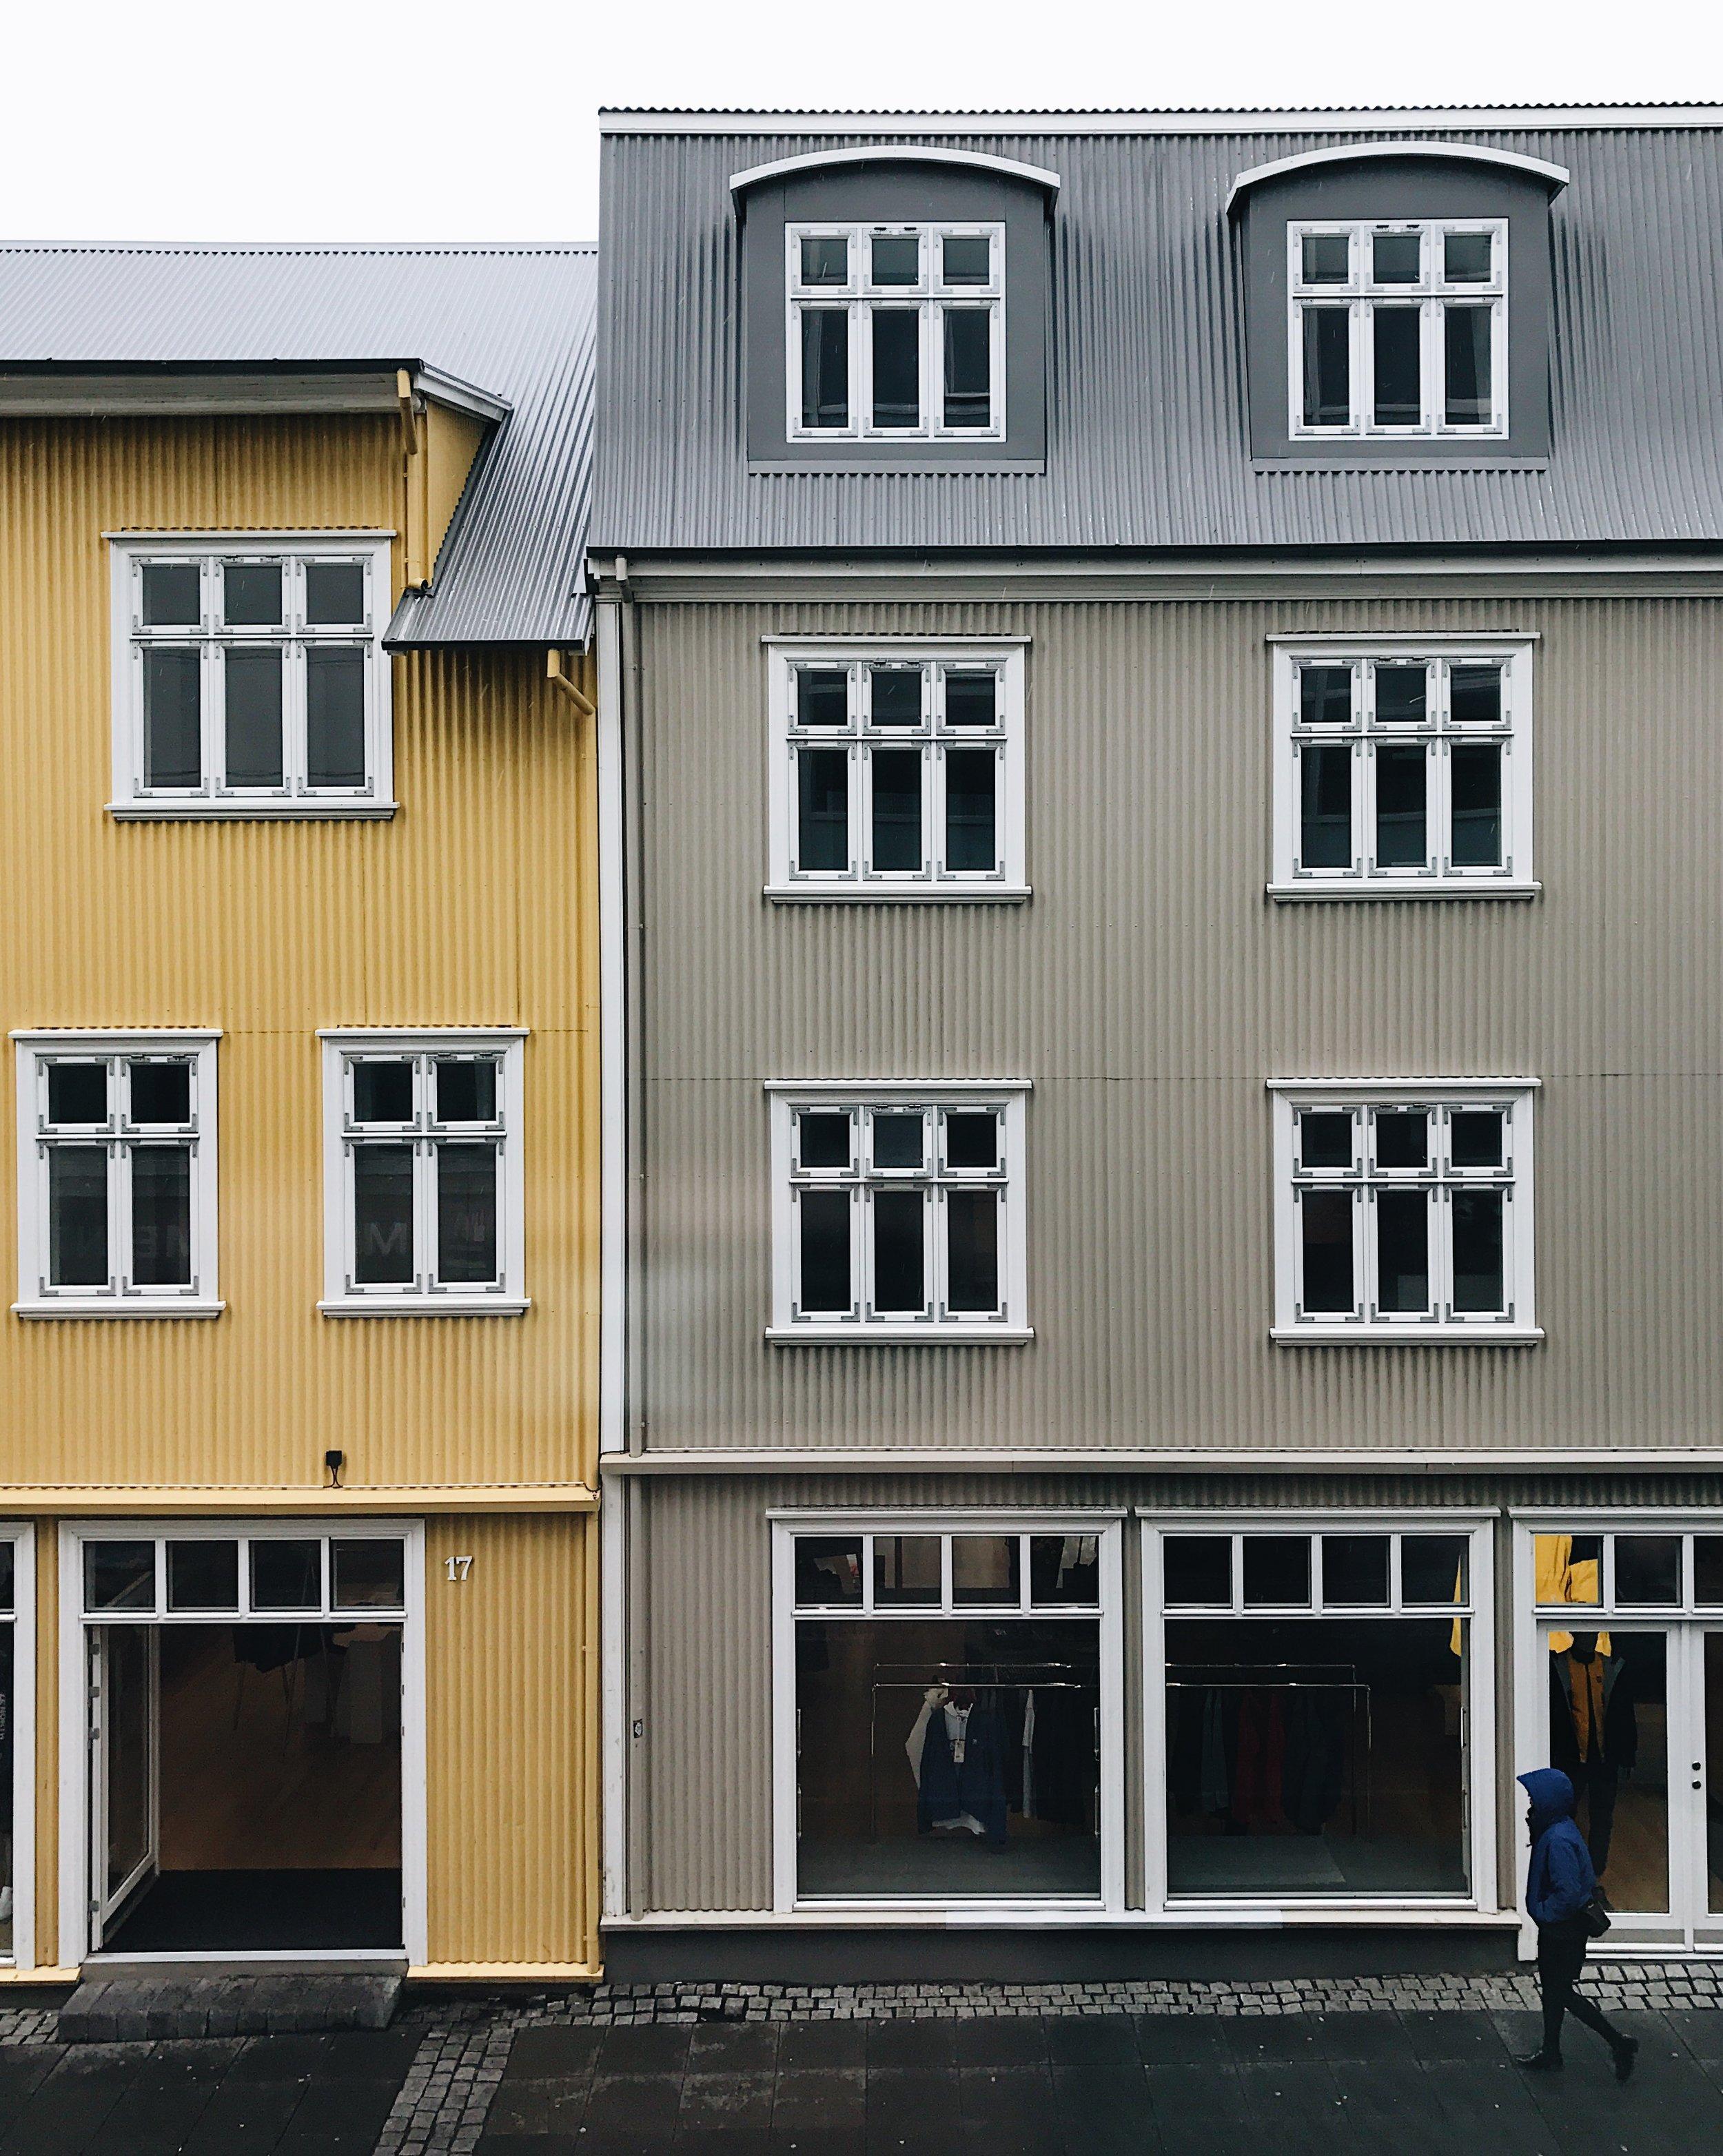 Reykjavík, - Iceland